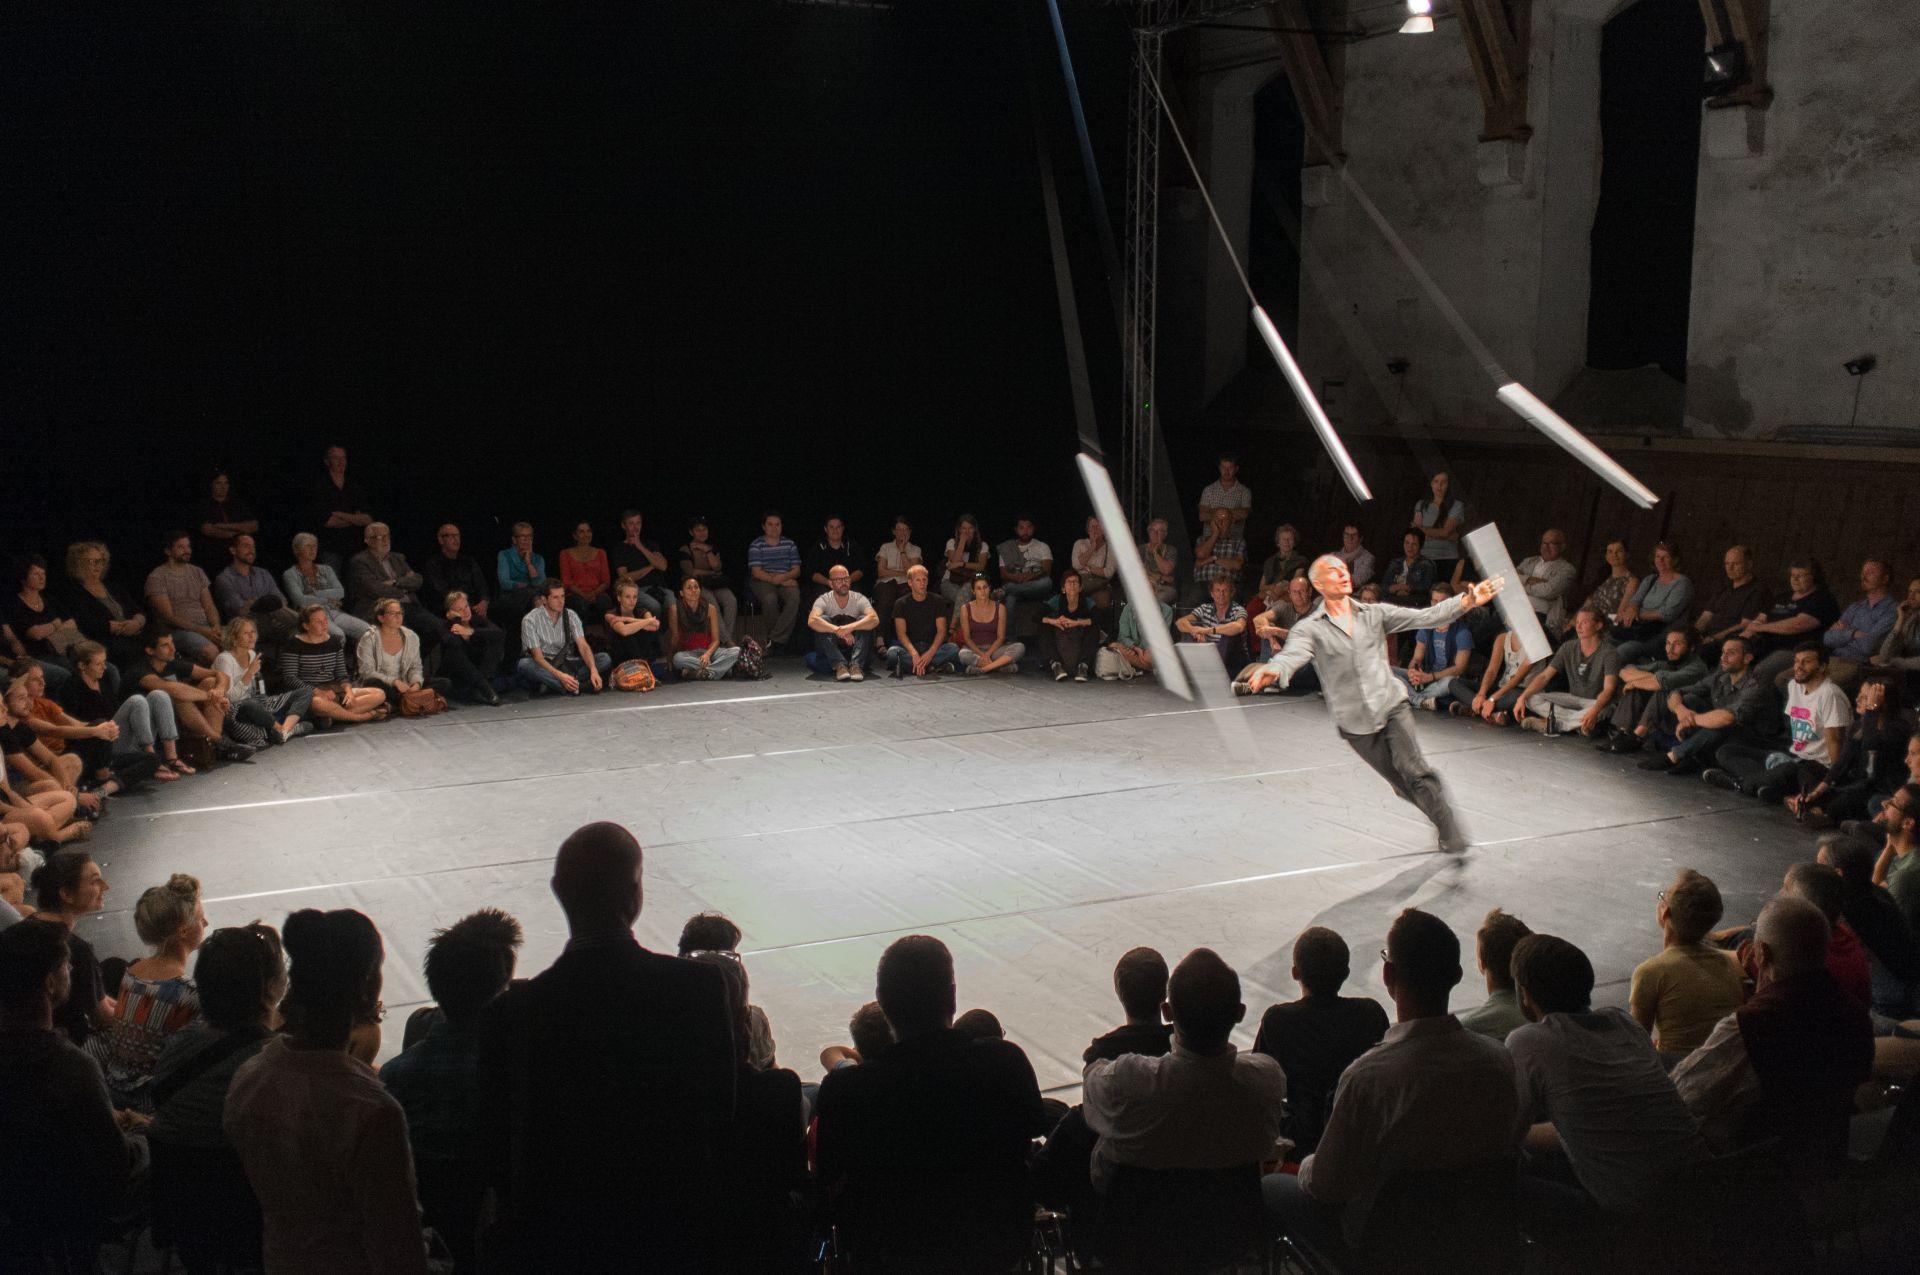 Ein Künstler jongliert in einer Manege